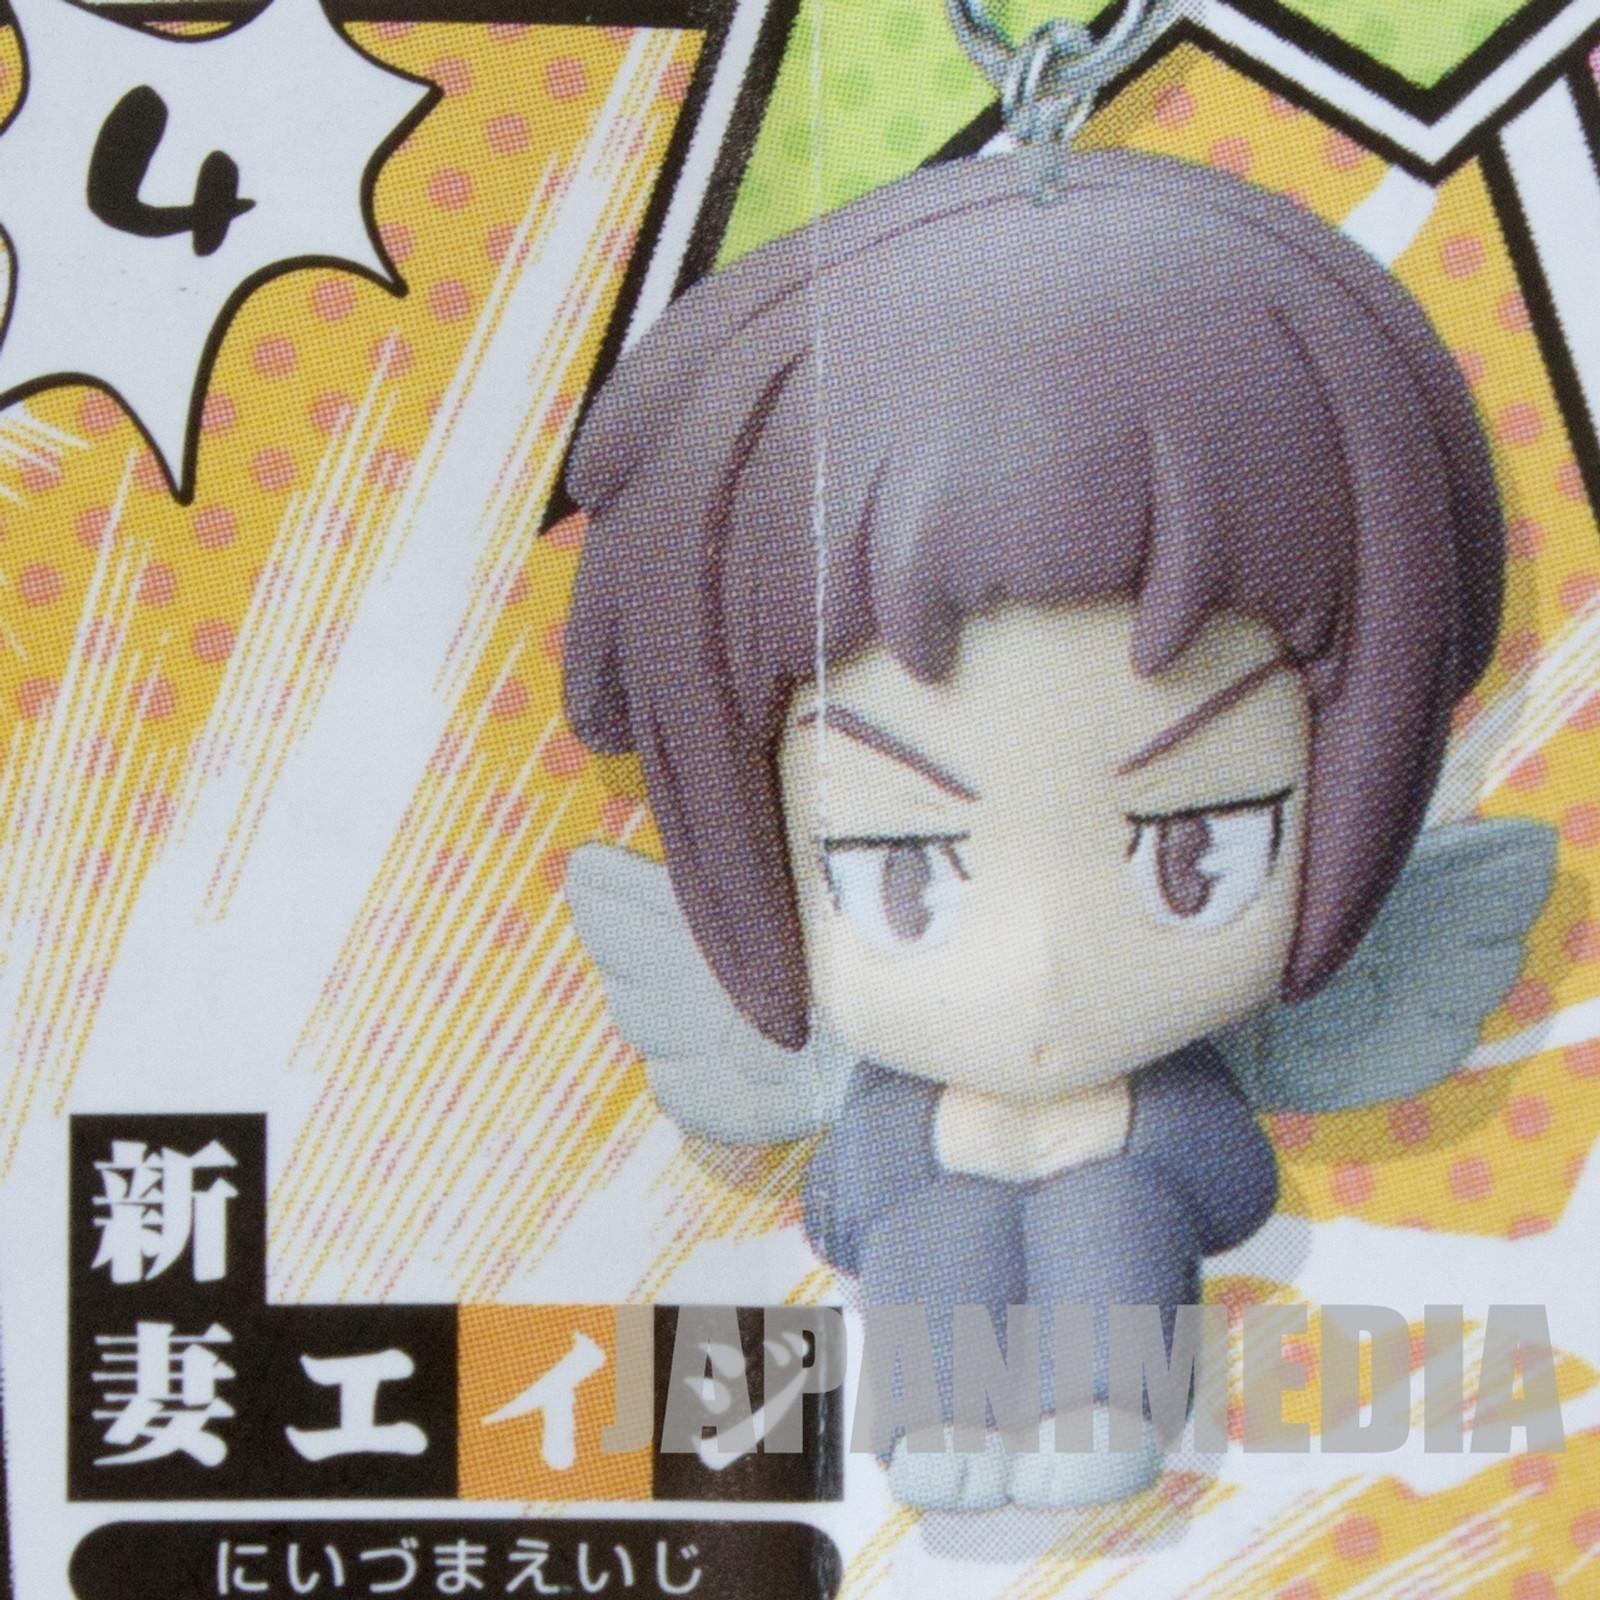 BAKUMAN Eiji Niizuma Figure Strap BANDAI JAPAN ANIME MANGA